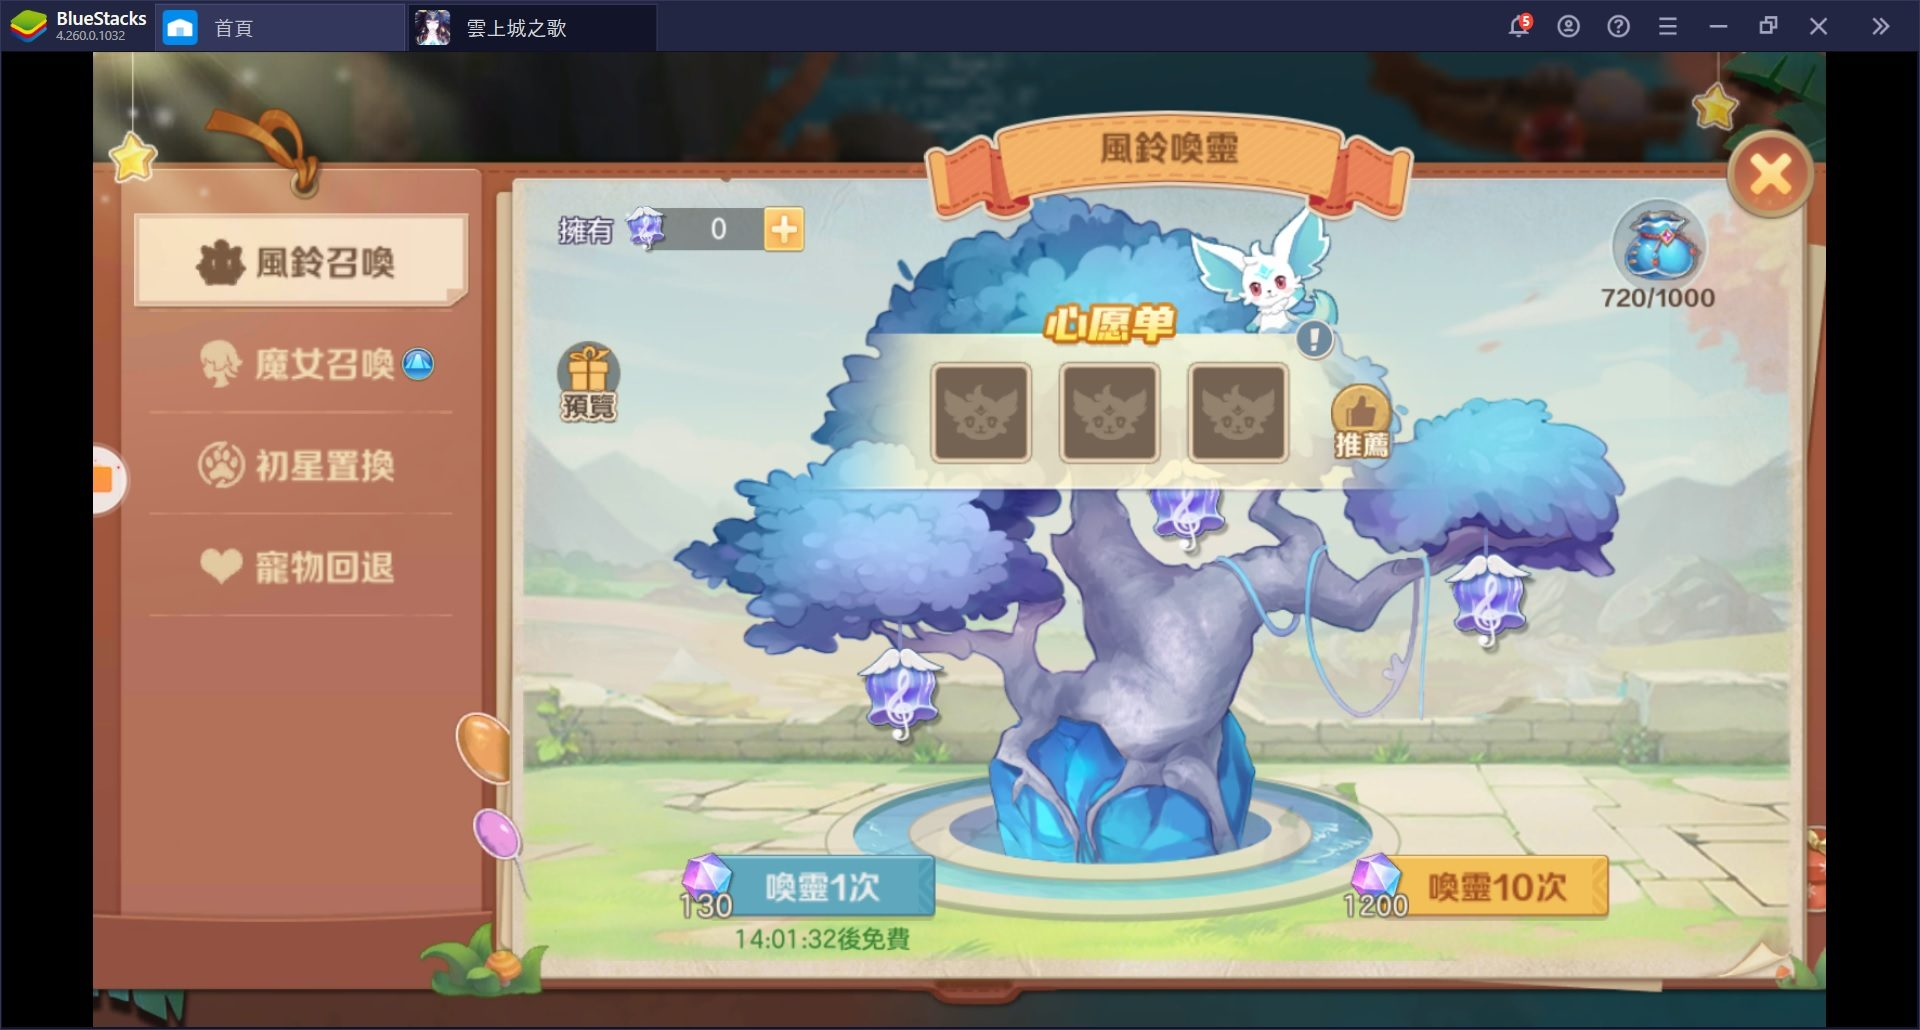 《雲上城之歌》:寵物召喚系統及「地系」寵物排行榜之介紹